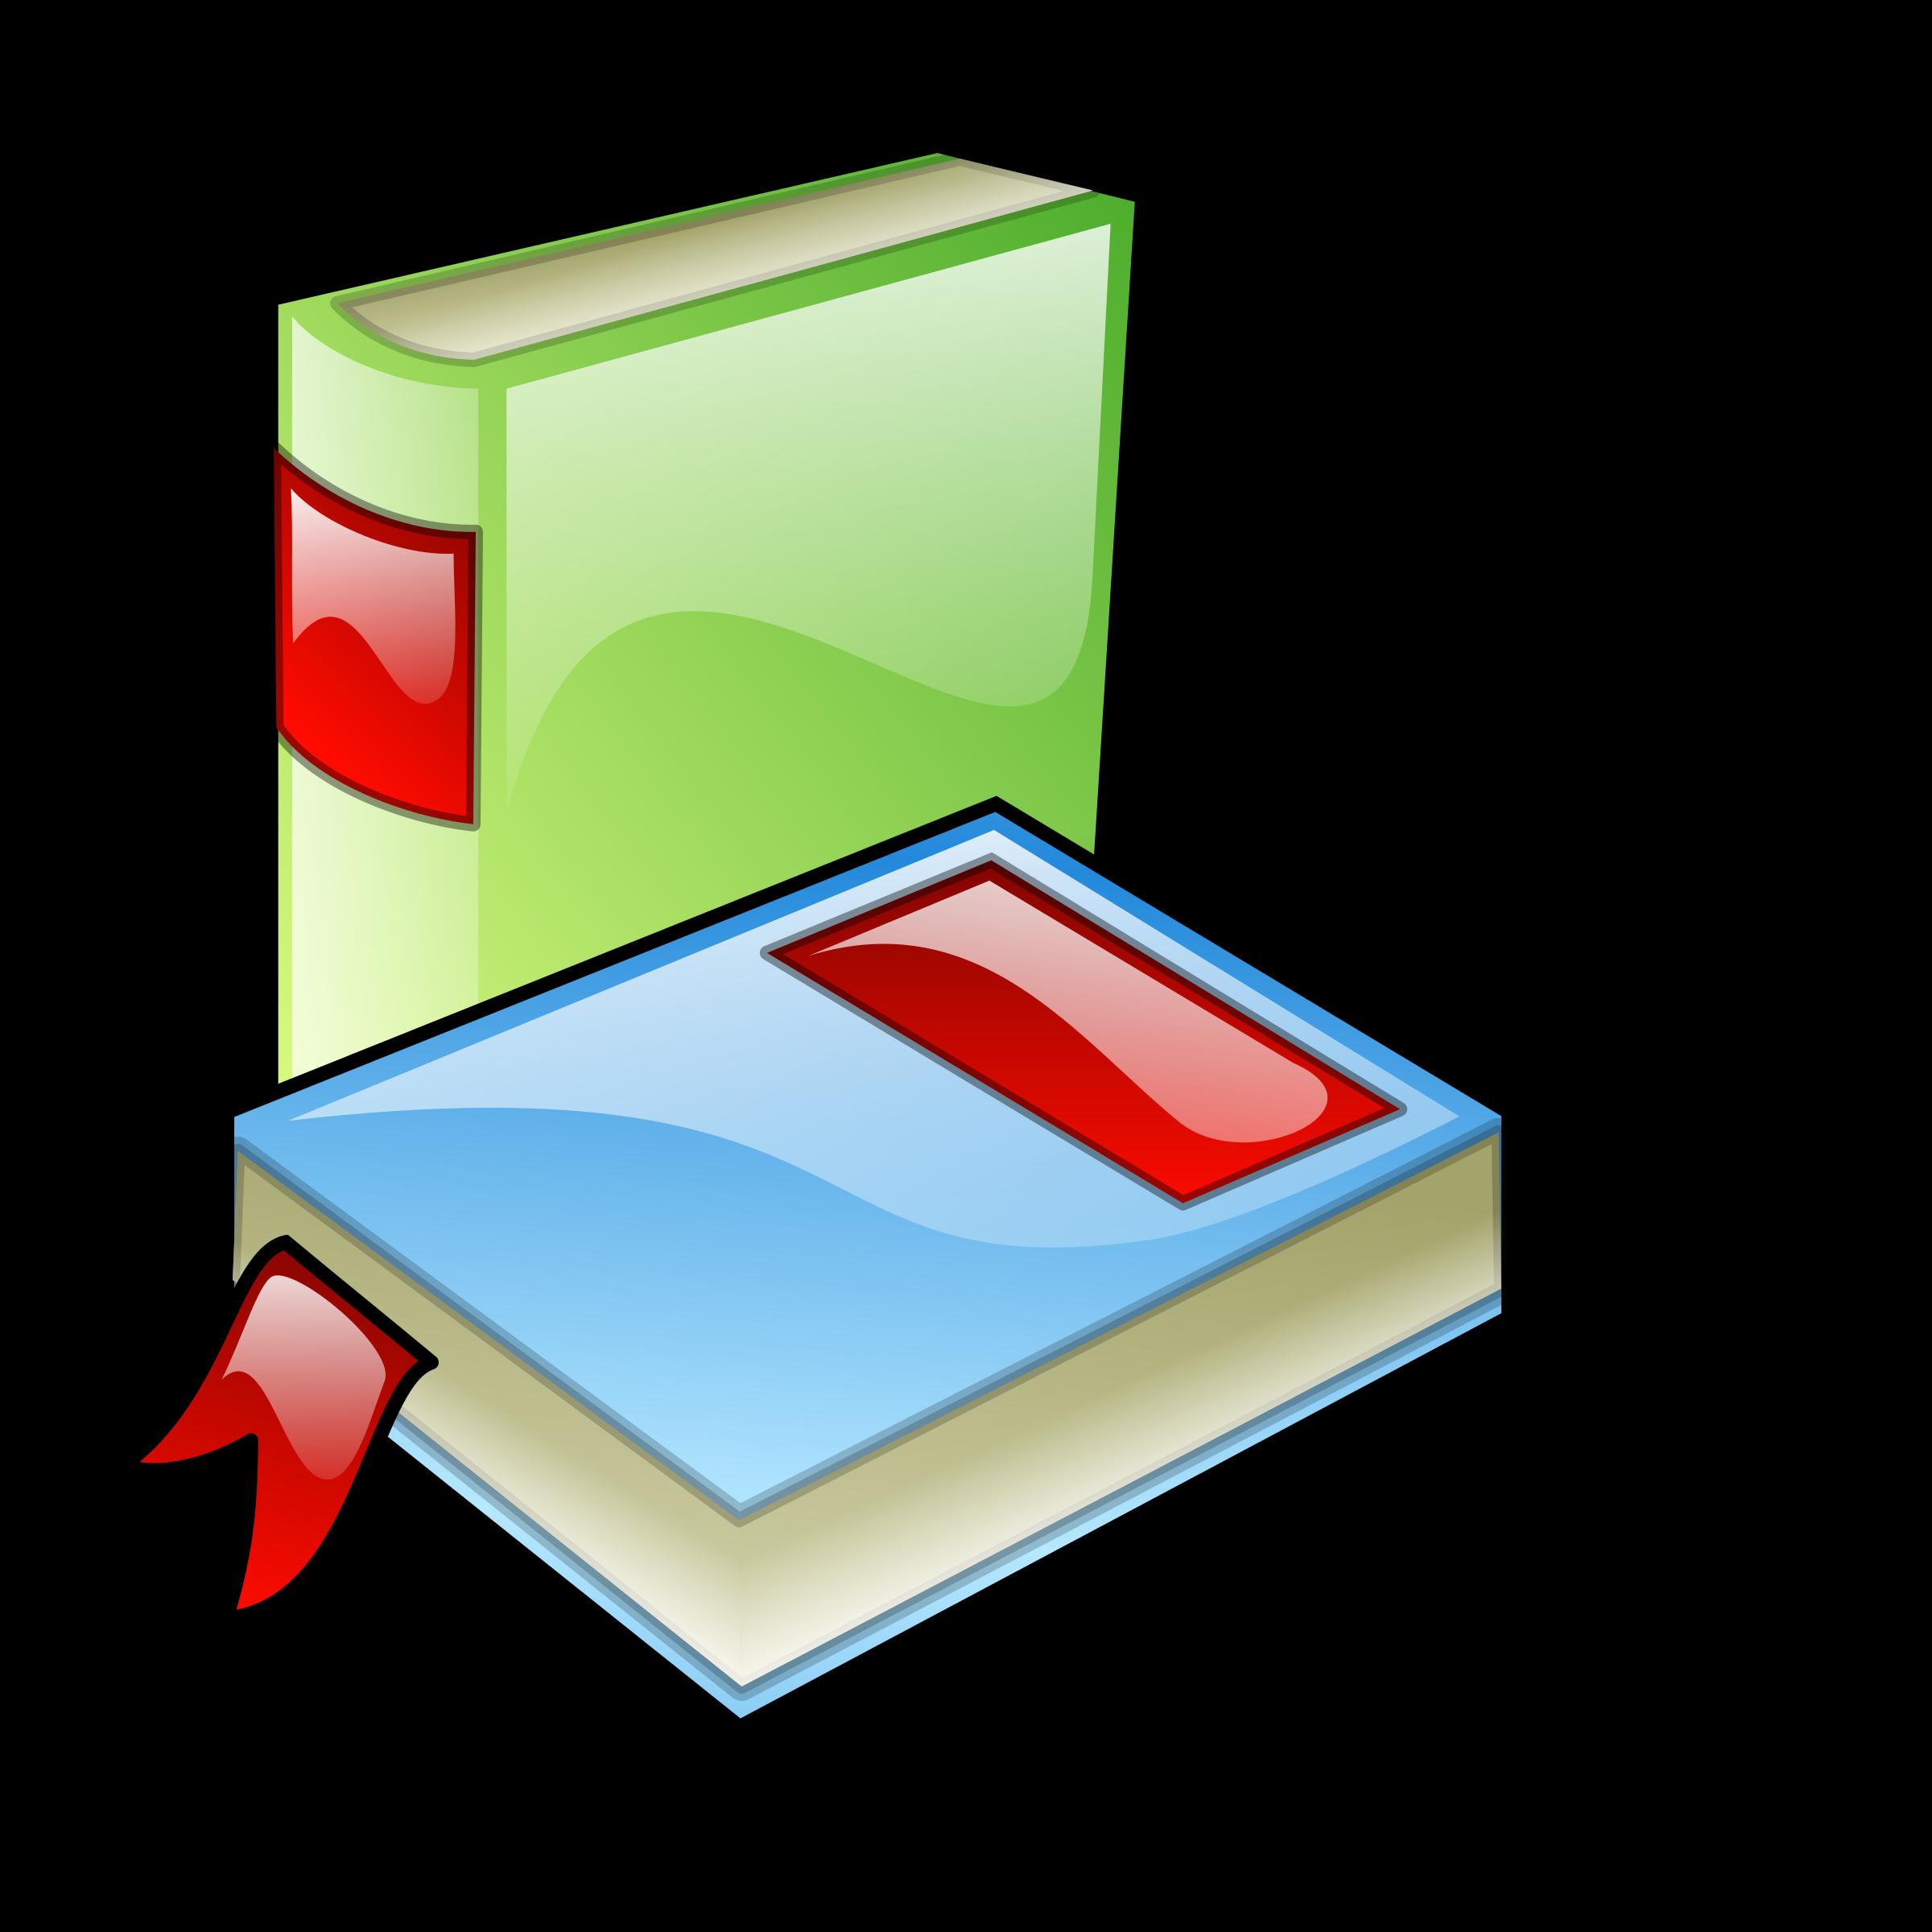 svg transparent stock Clipart aj ashton big. Books svg clip art